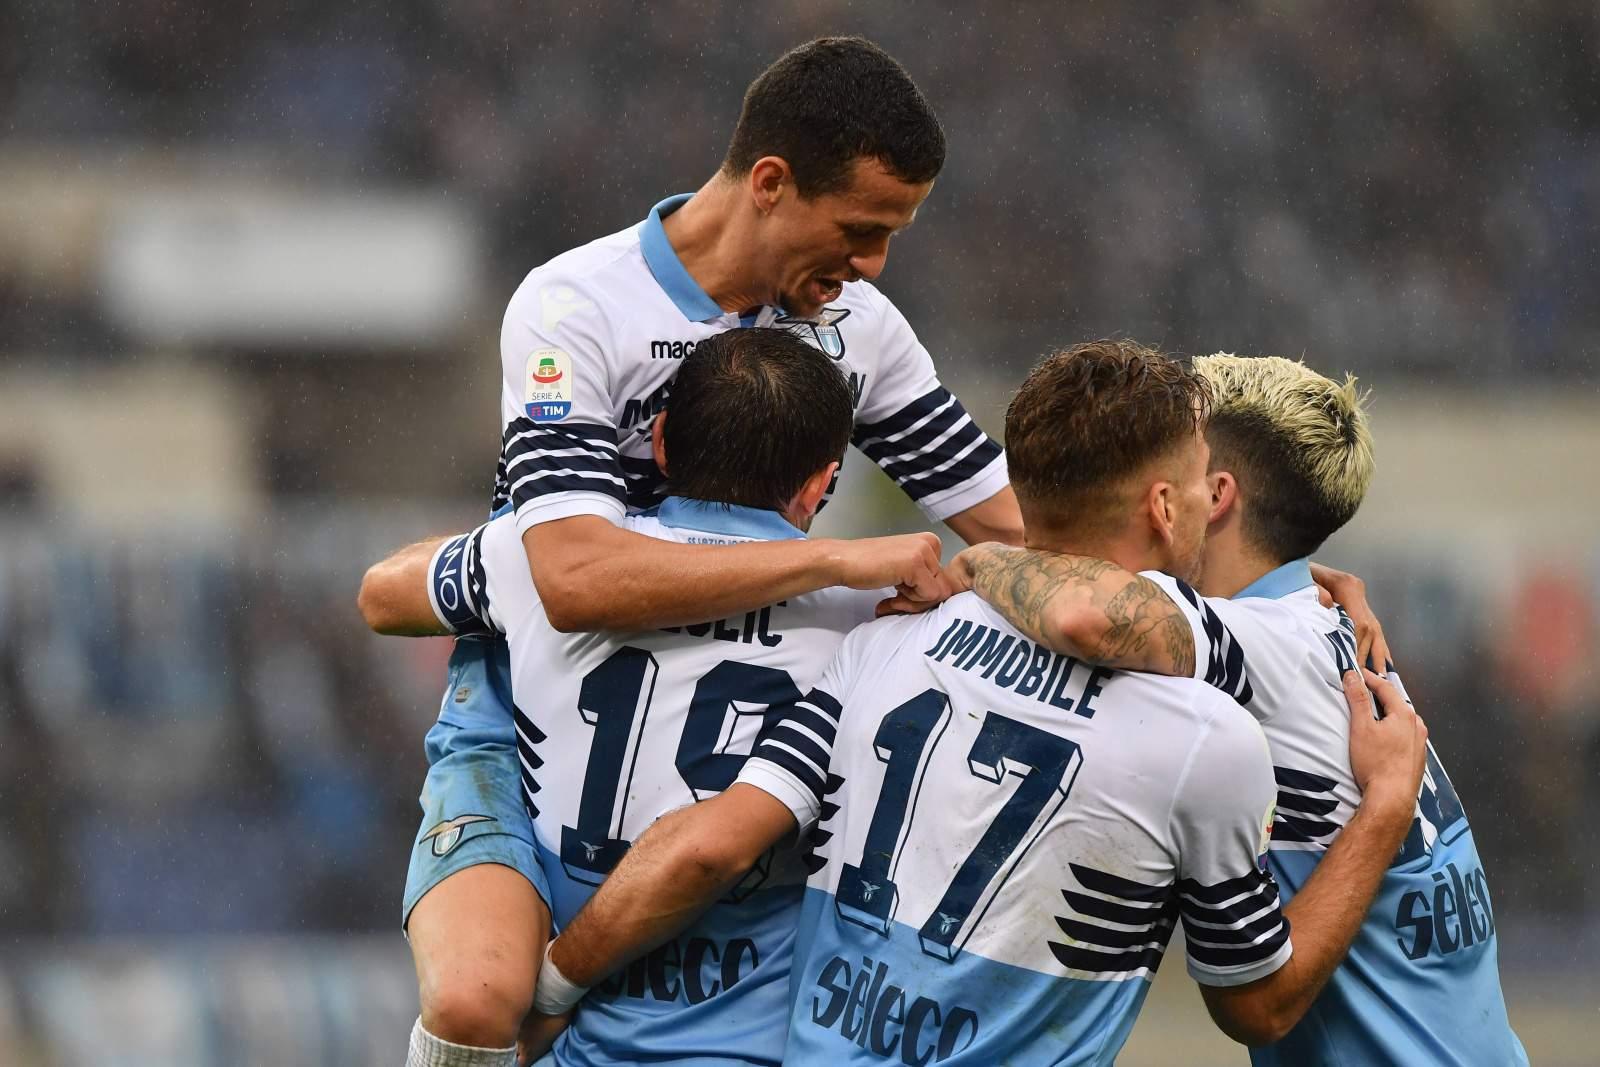 «Лацио» - «Рома»: прогноз на матч чемпионата Италии – 15 января 2021